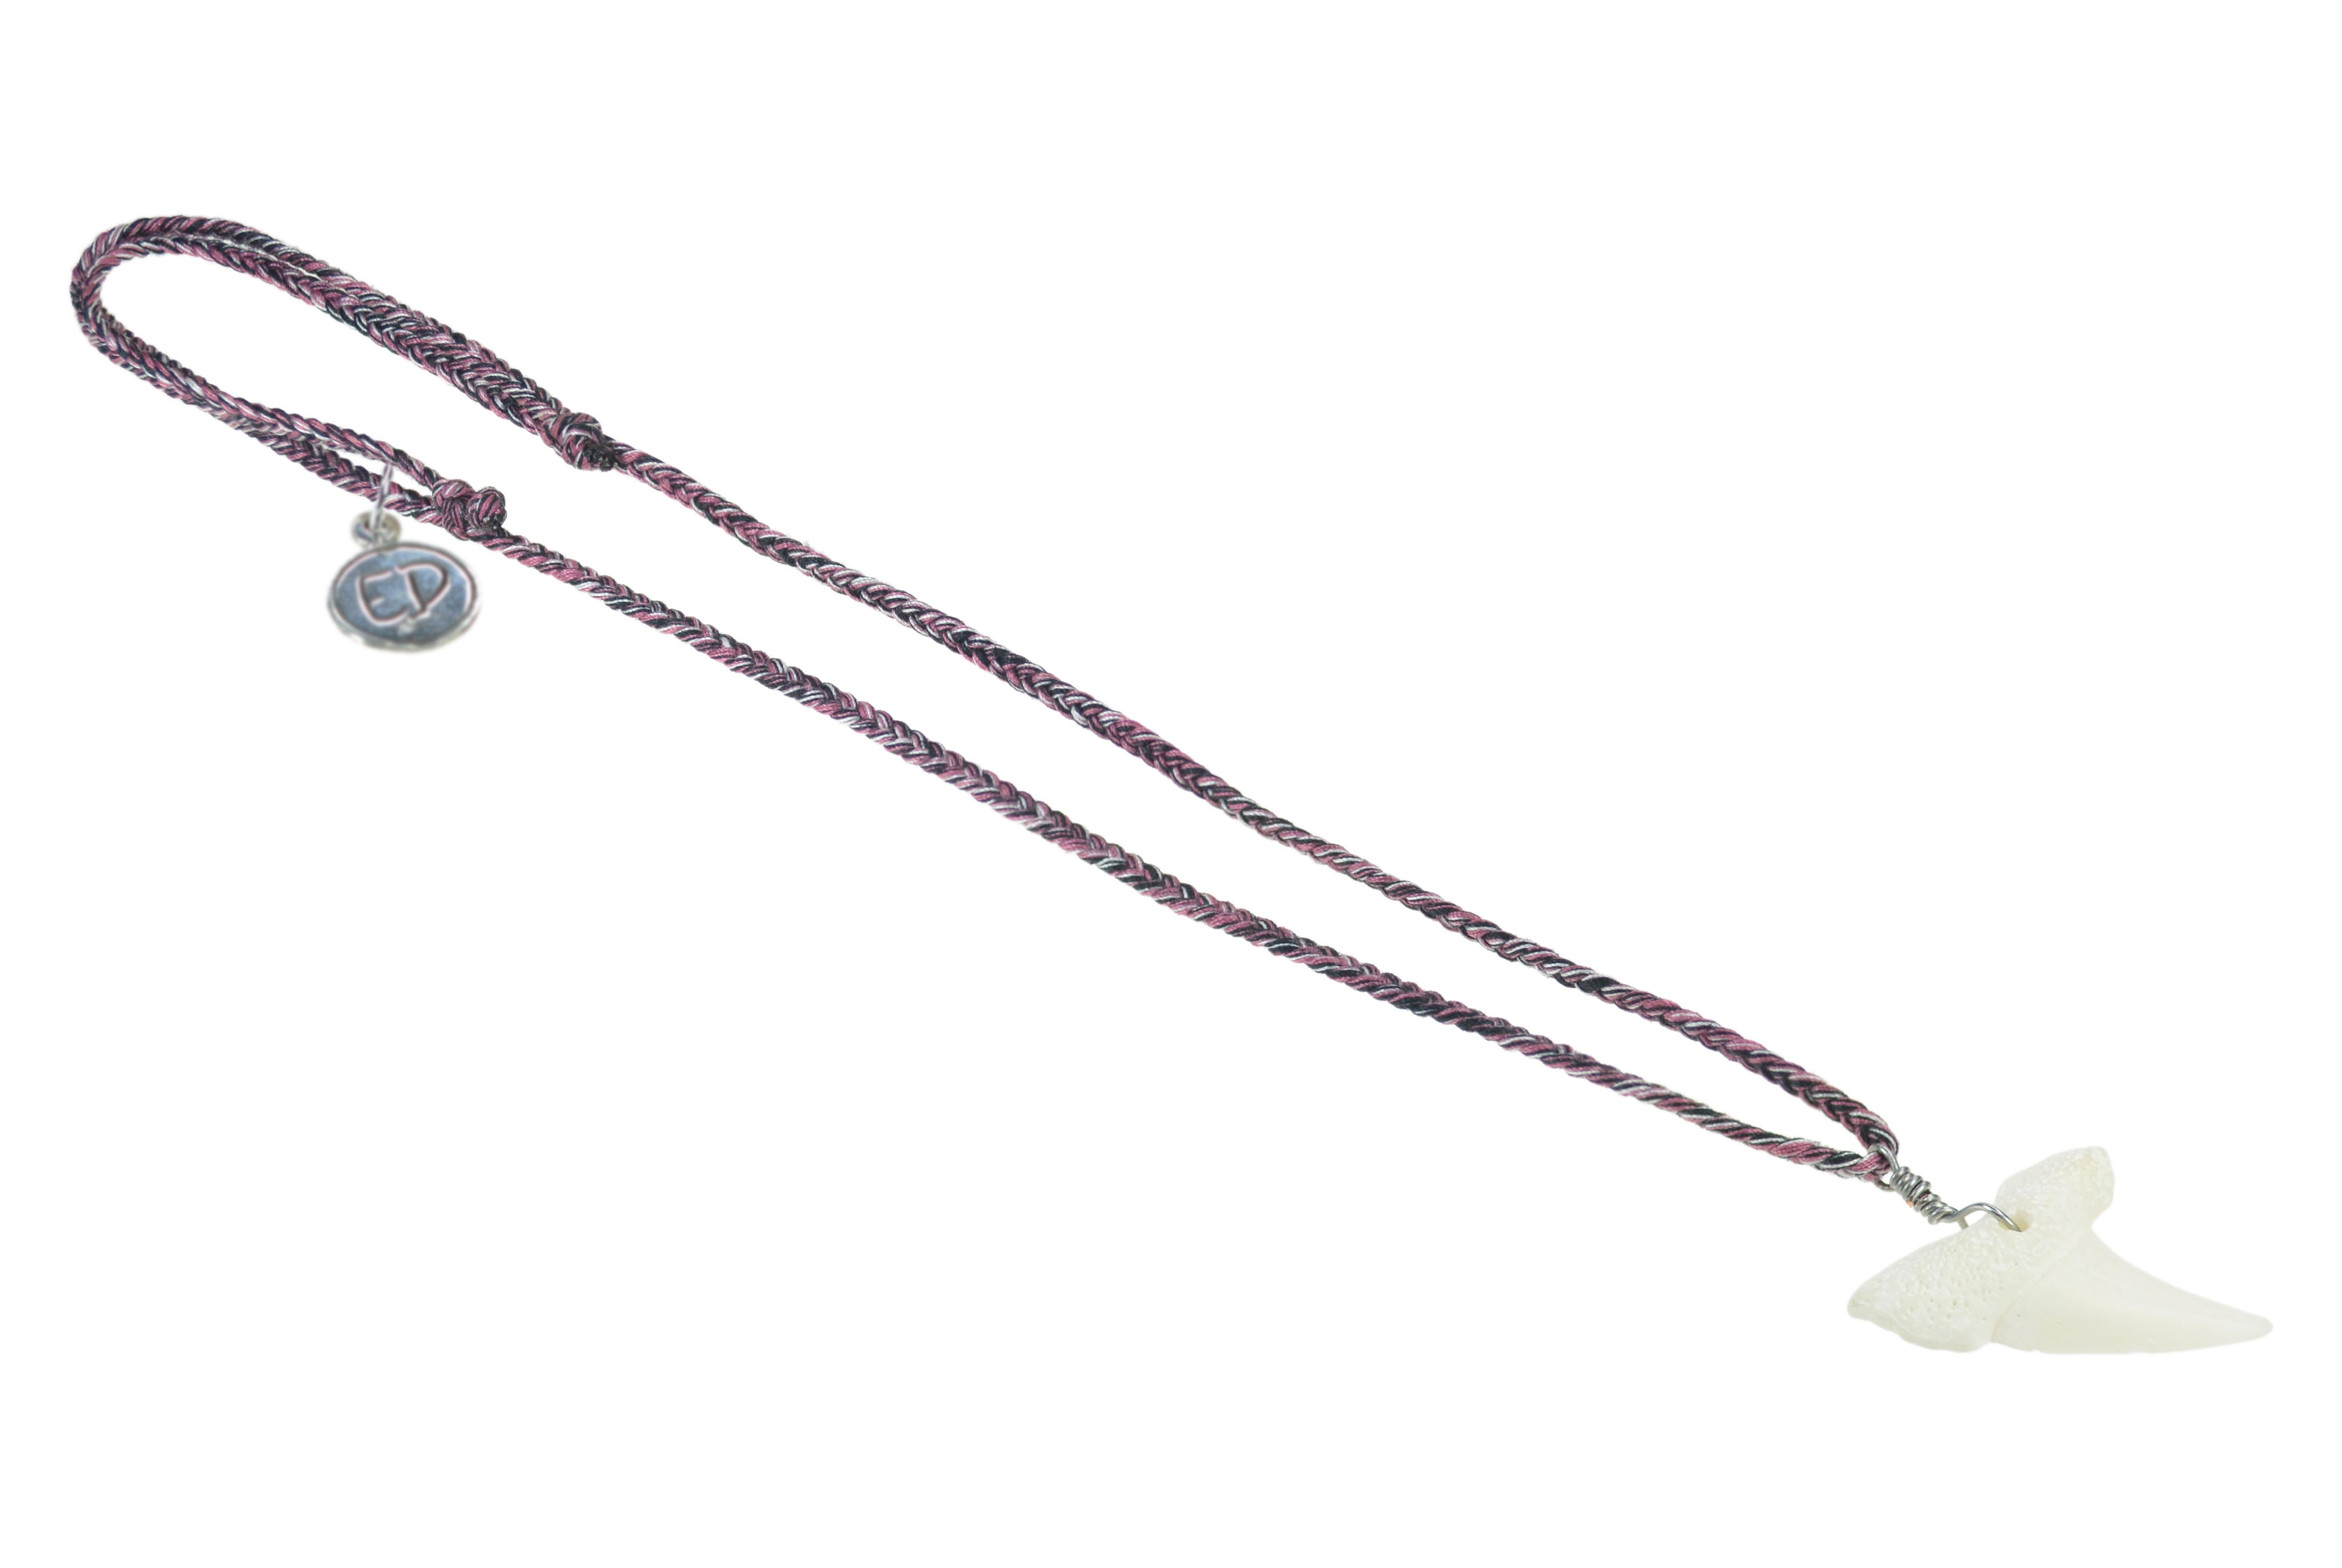 Pánsky prírodný náhrdelník s príveskom žraločí zub - vínový